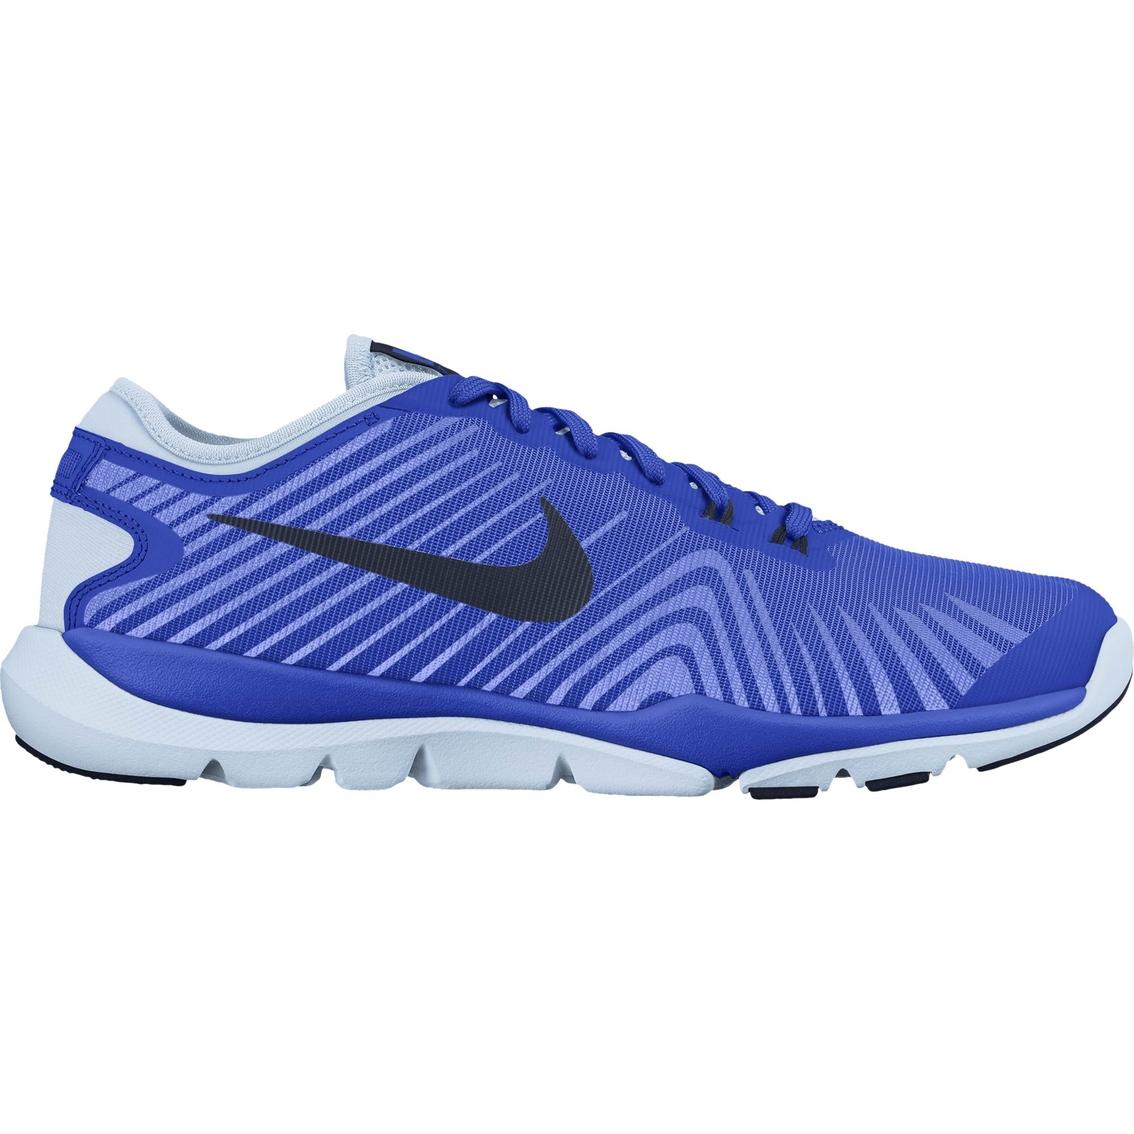 8ab3bdbd95c5 Nike Womens Flex Supreme Tr 4 Training Shoes